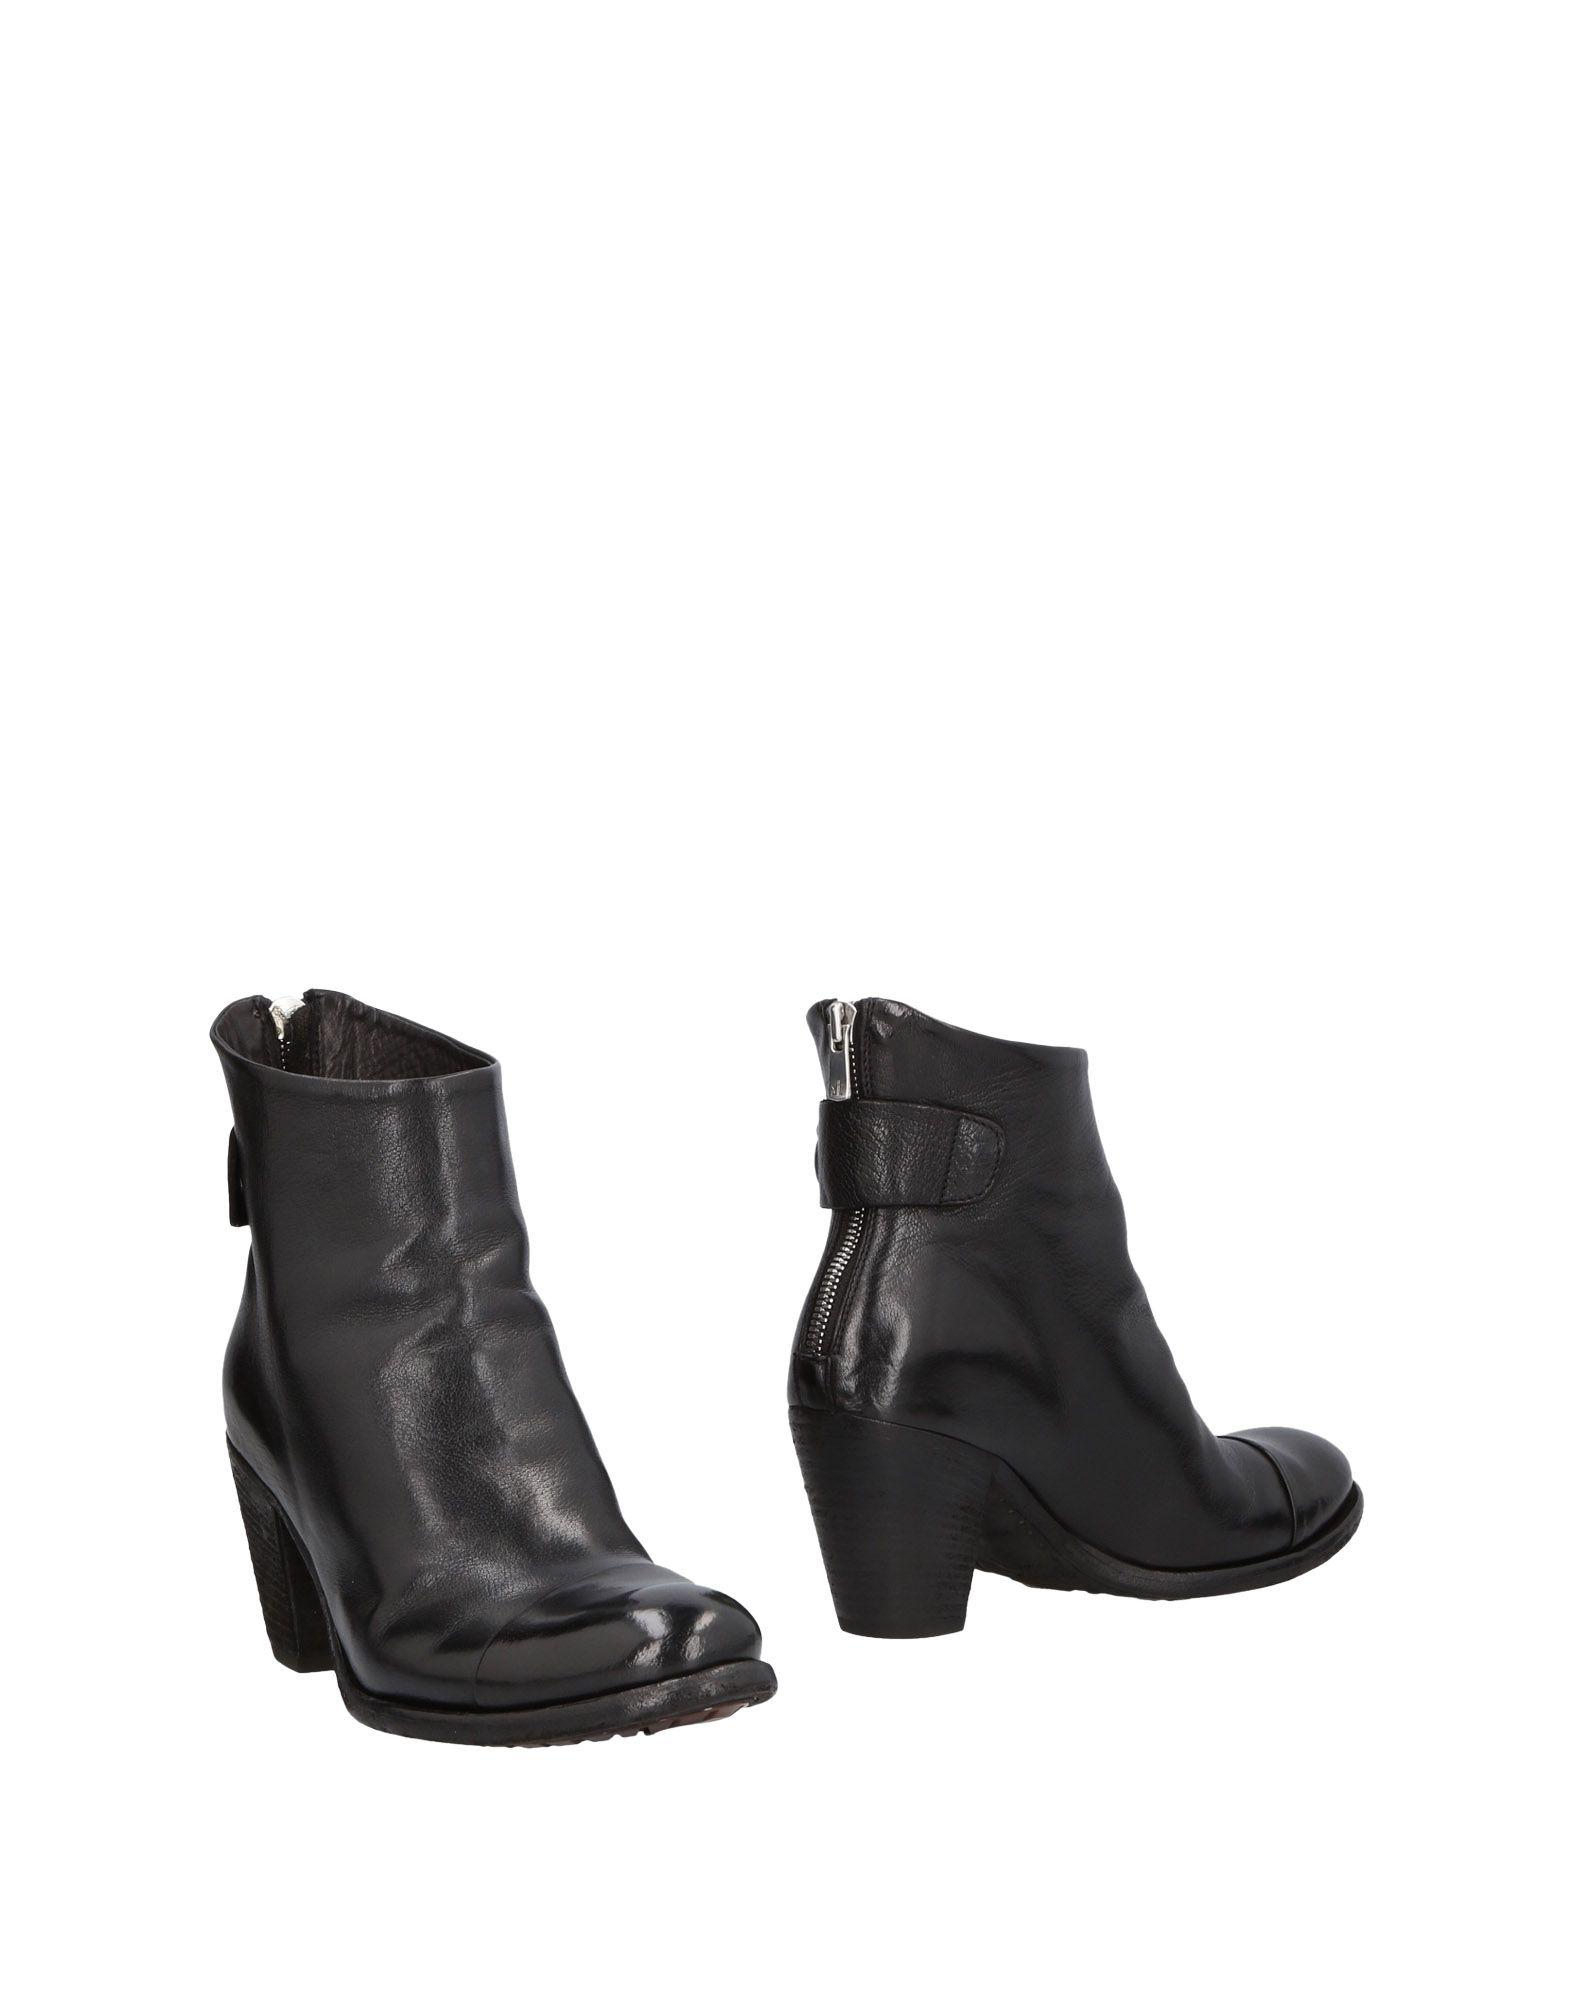 Rabatt Schuhe Officine Creative Italia Stiefelette Damen  11461304FJ